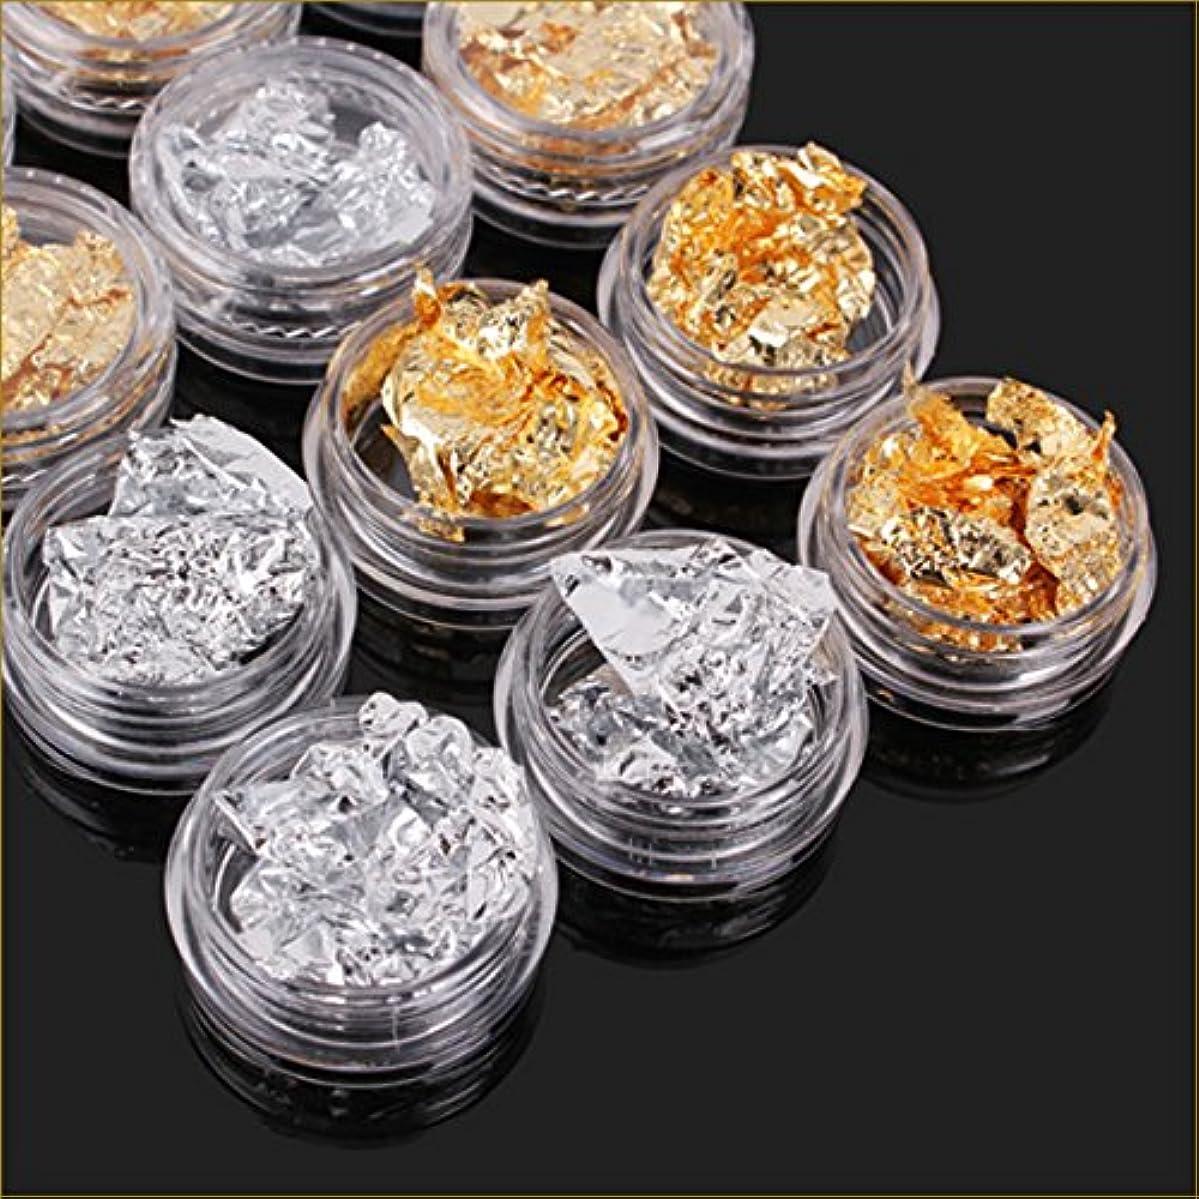 西ドーム罪人ネイル用品金箔 銀箔 大量 12個入り 2色 ケース付き ネイルパーツ メタルスタッズ ネイルナゲット ホイル ベイント用